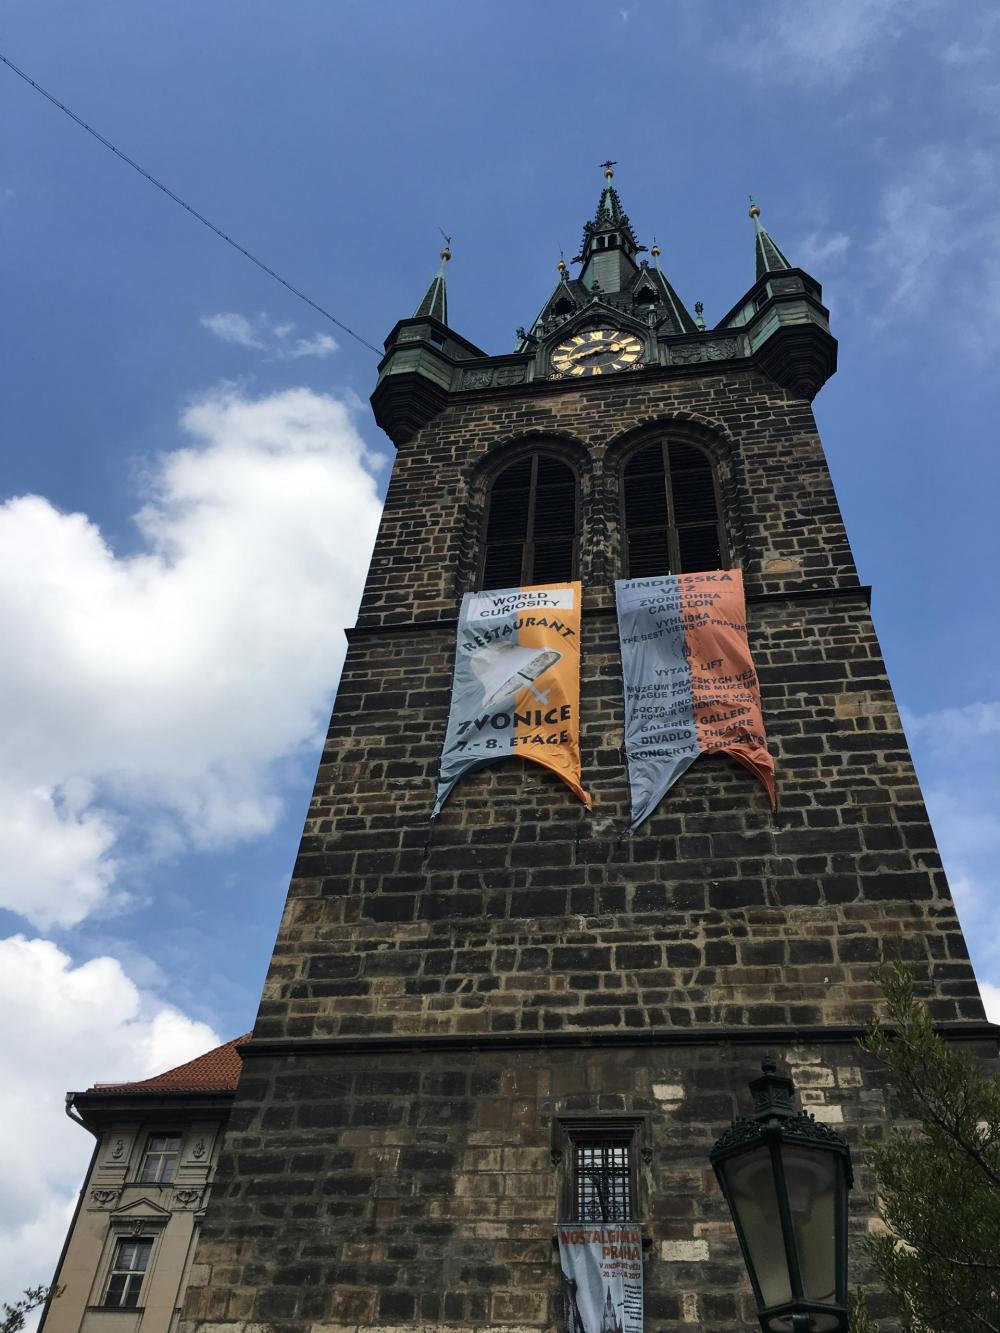 Jindrissska Tower